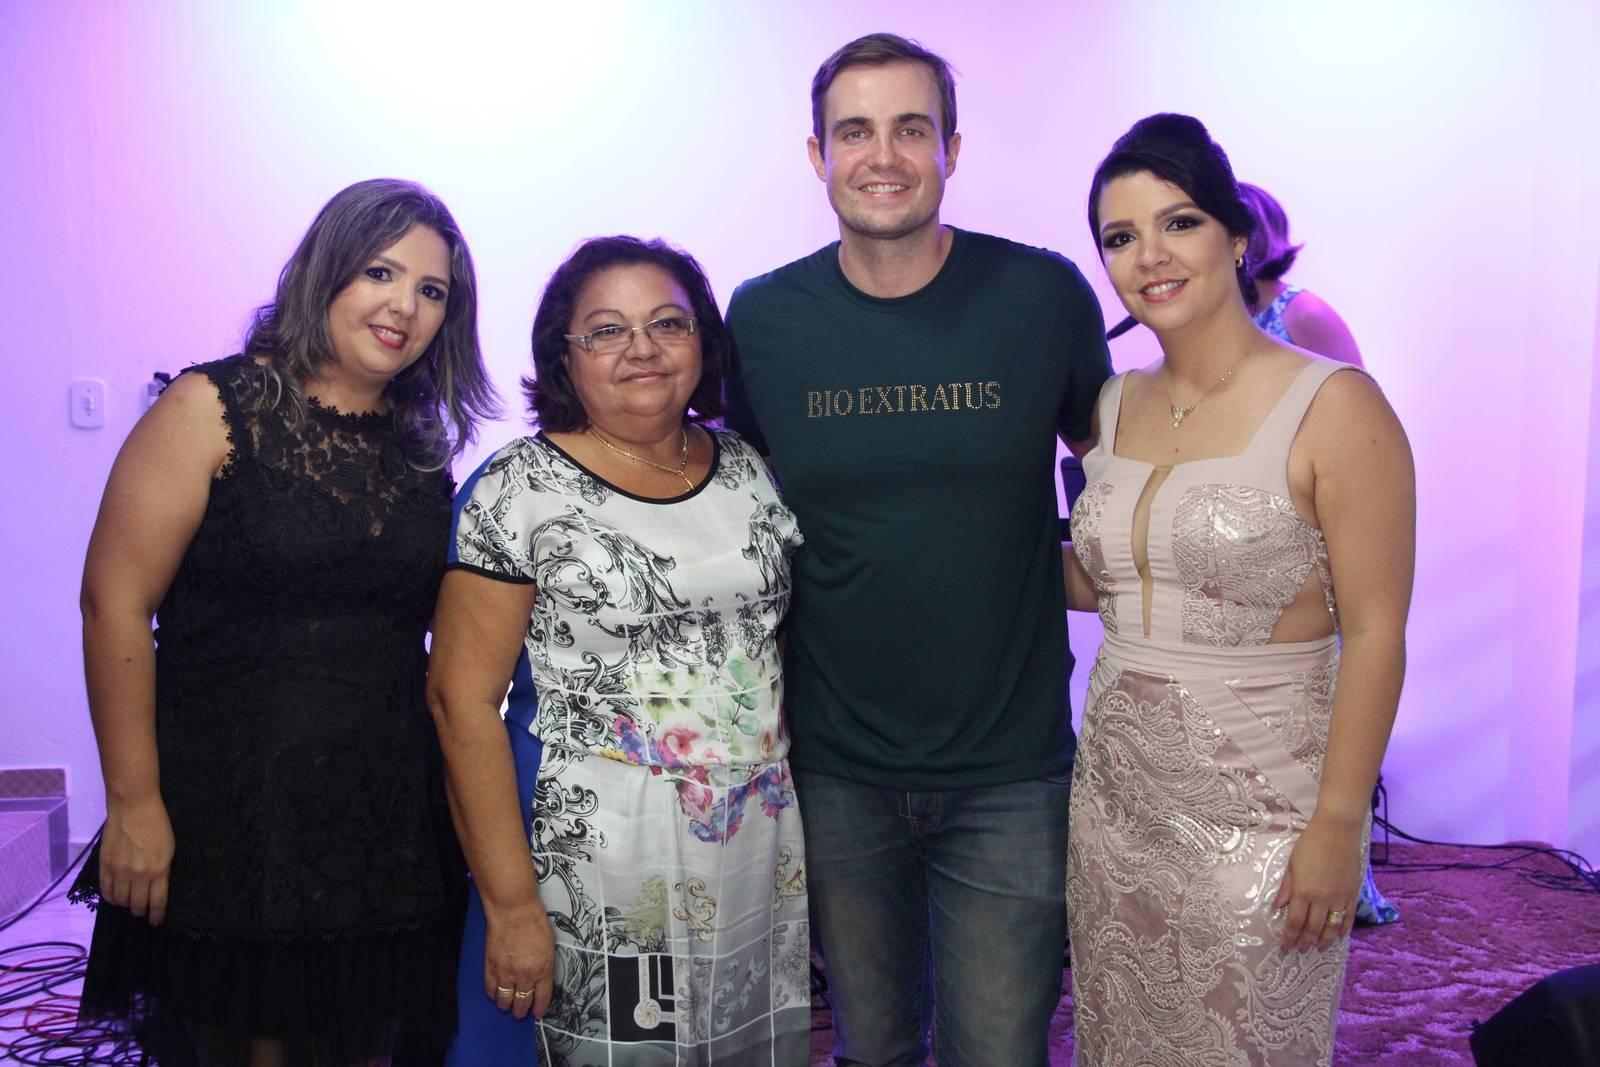 Inauguração da Distribuidora Karla Cosméticos - Bio Extratus (256)